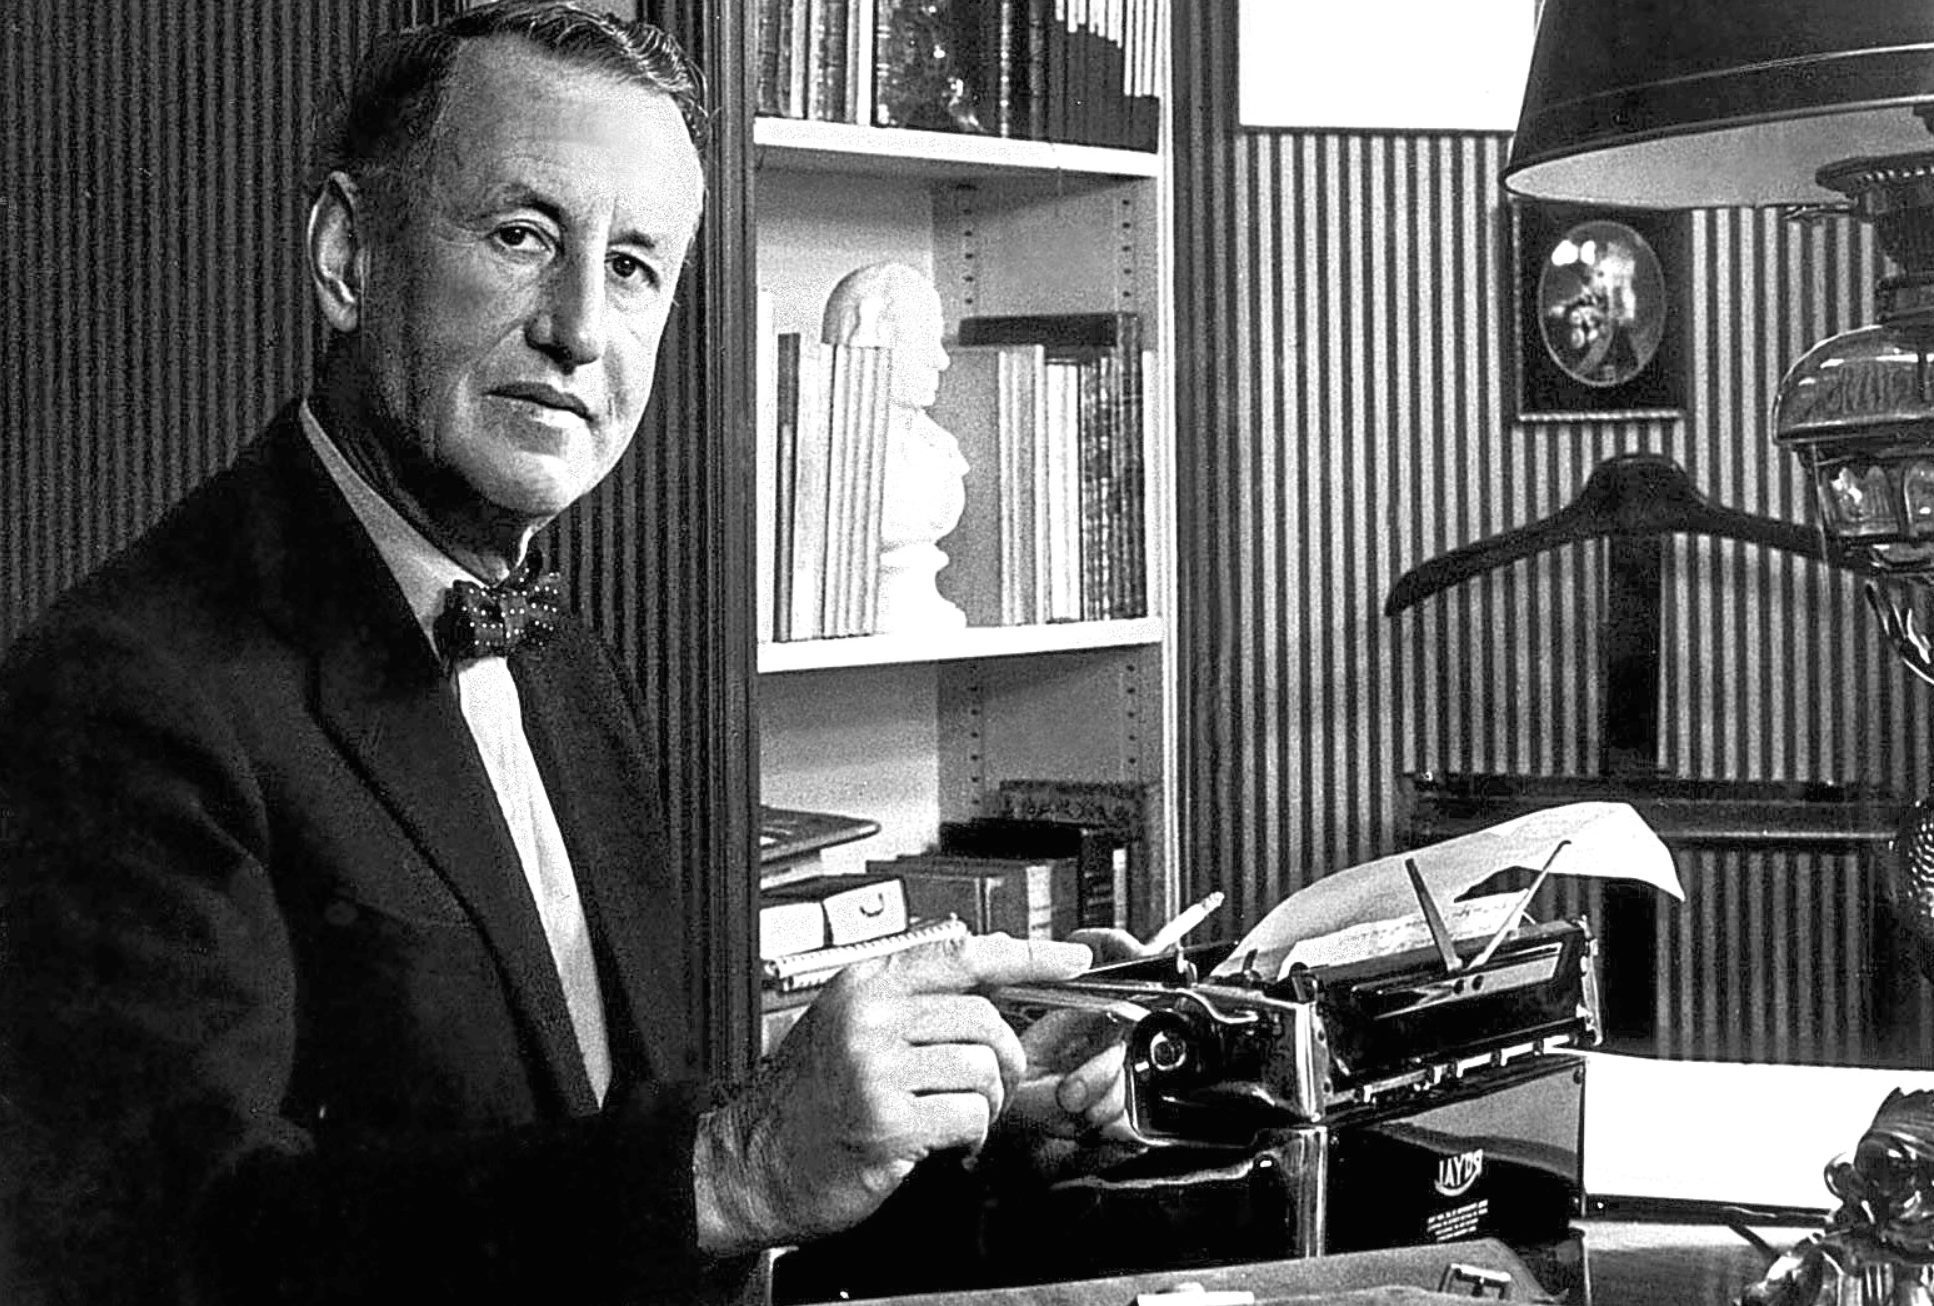 #UnDíaComoHoy Hace 53 años falleció Ian Fleming, creado de James Bond.